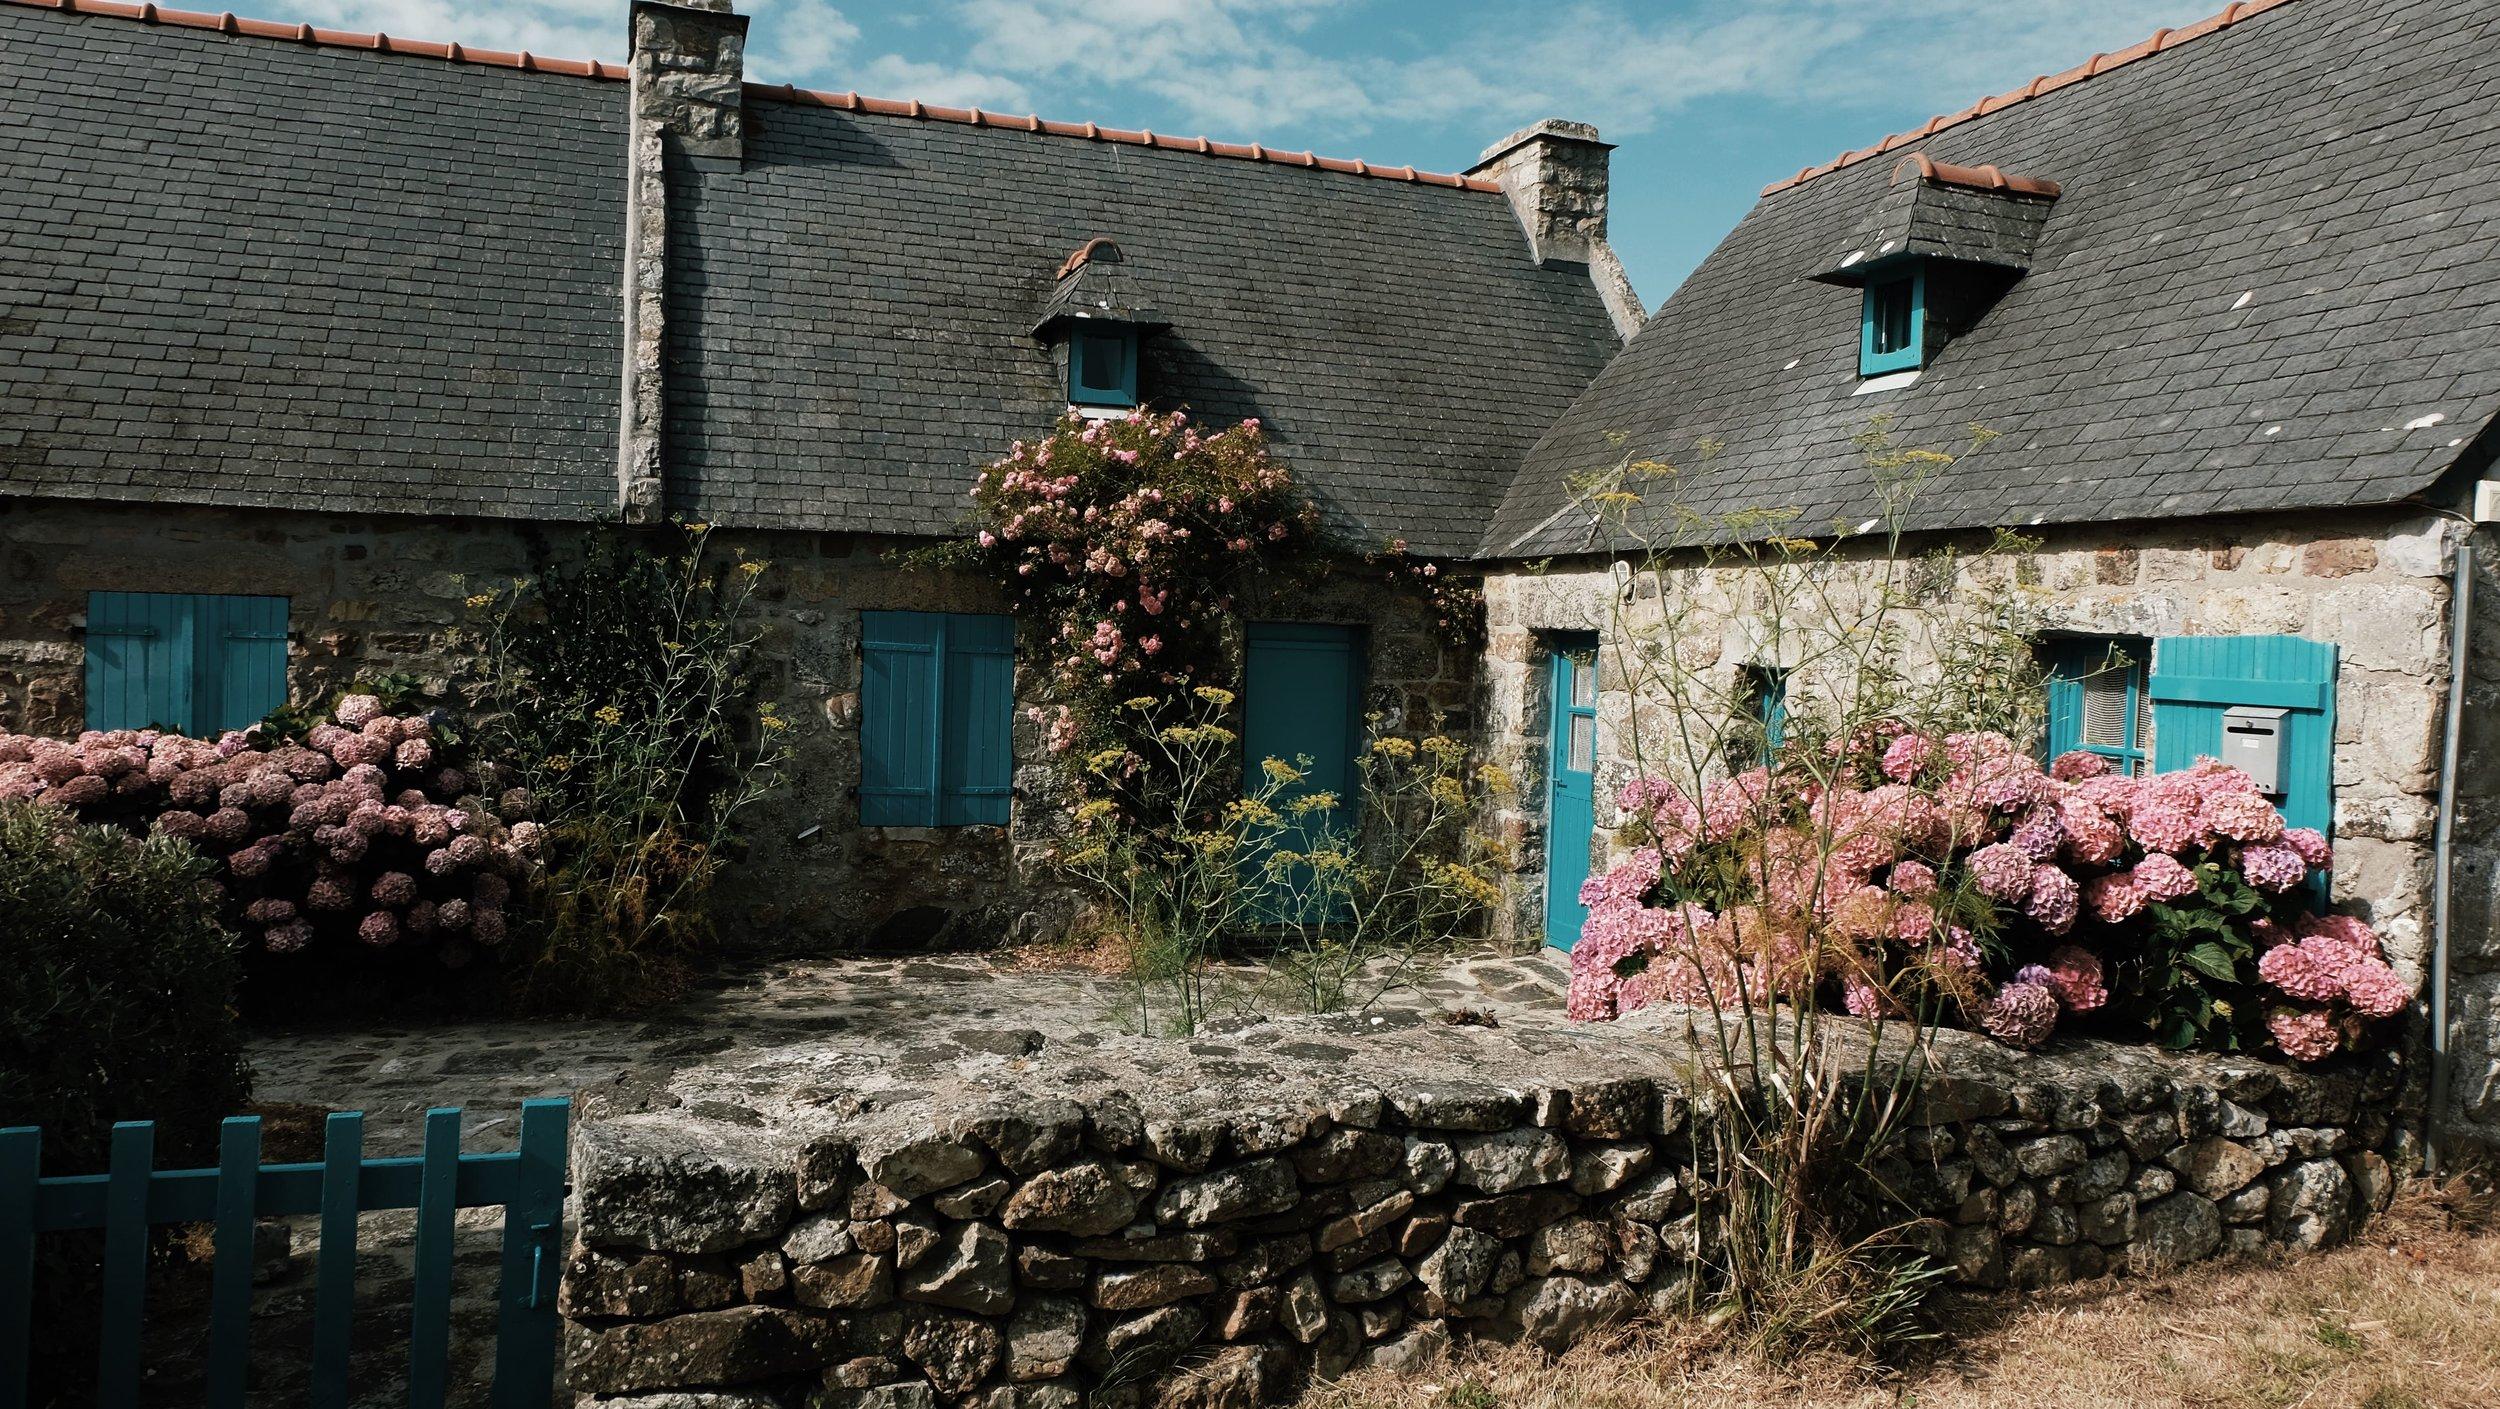 Carnet Sauvage - blog voyage Lille - visiter la Bretagne - presqu'ile de Crozon - Cap de la chevre4.jpg